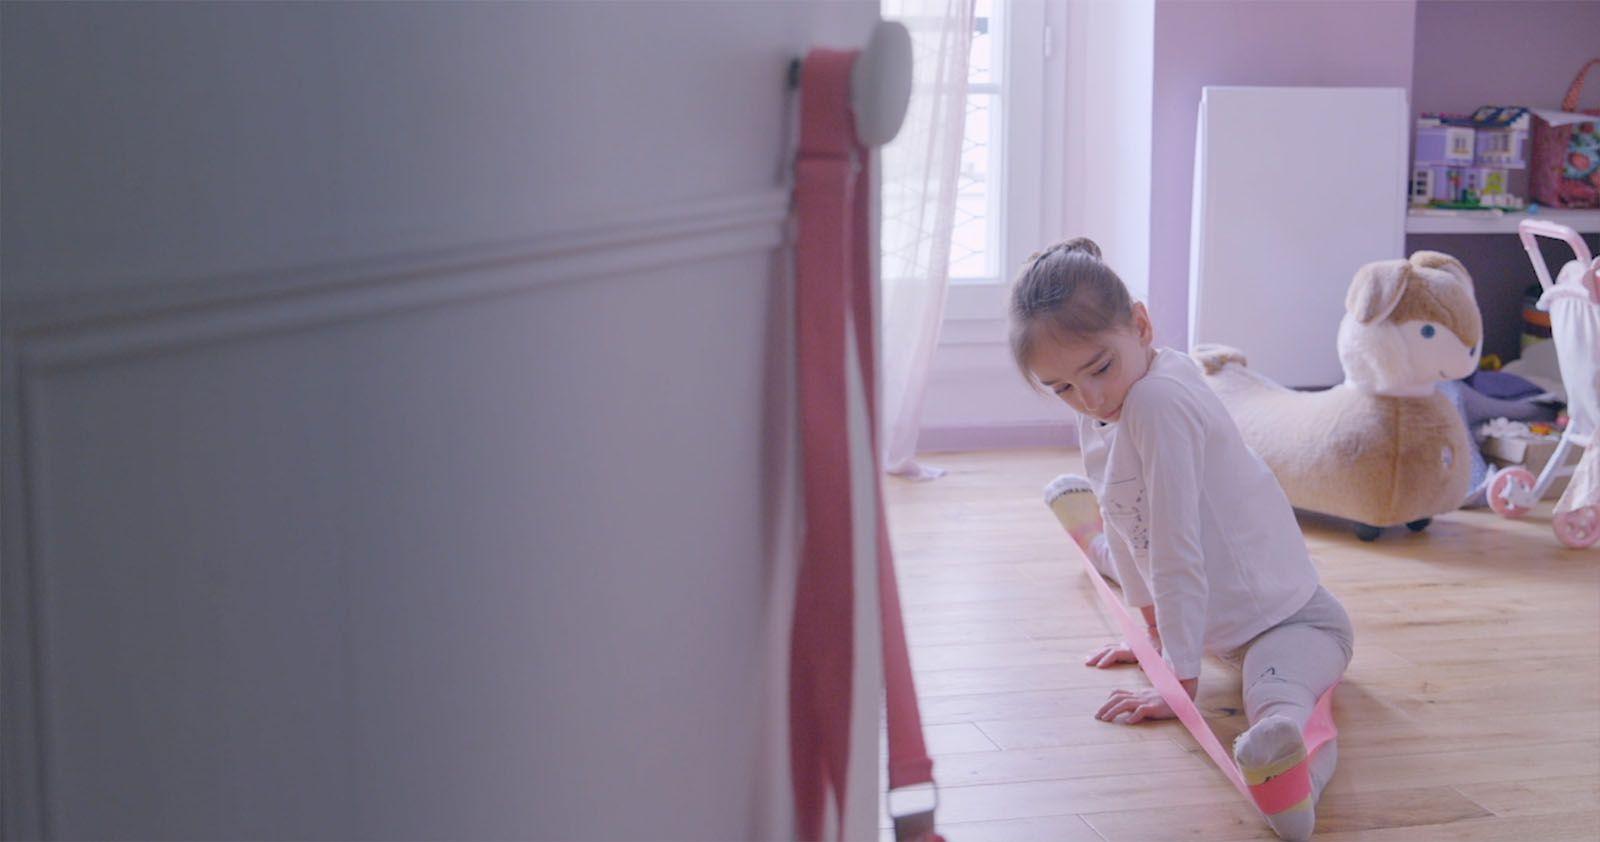 Petites danseuses (BANDE-ANNONCE) Documentaire de Anne-Claire Dolivet - Le 25 août 2021 au cinéma